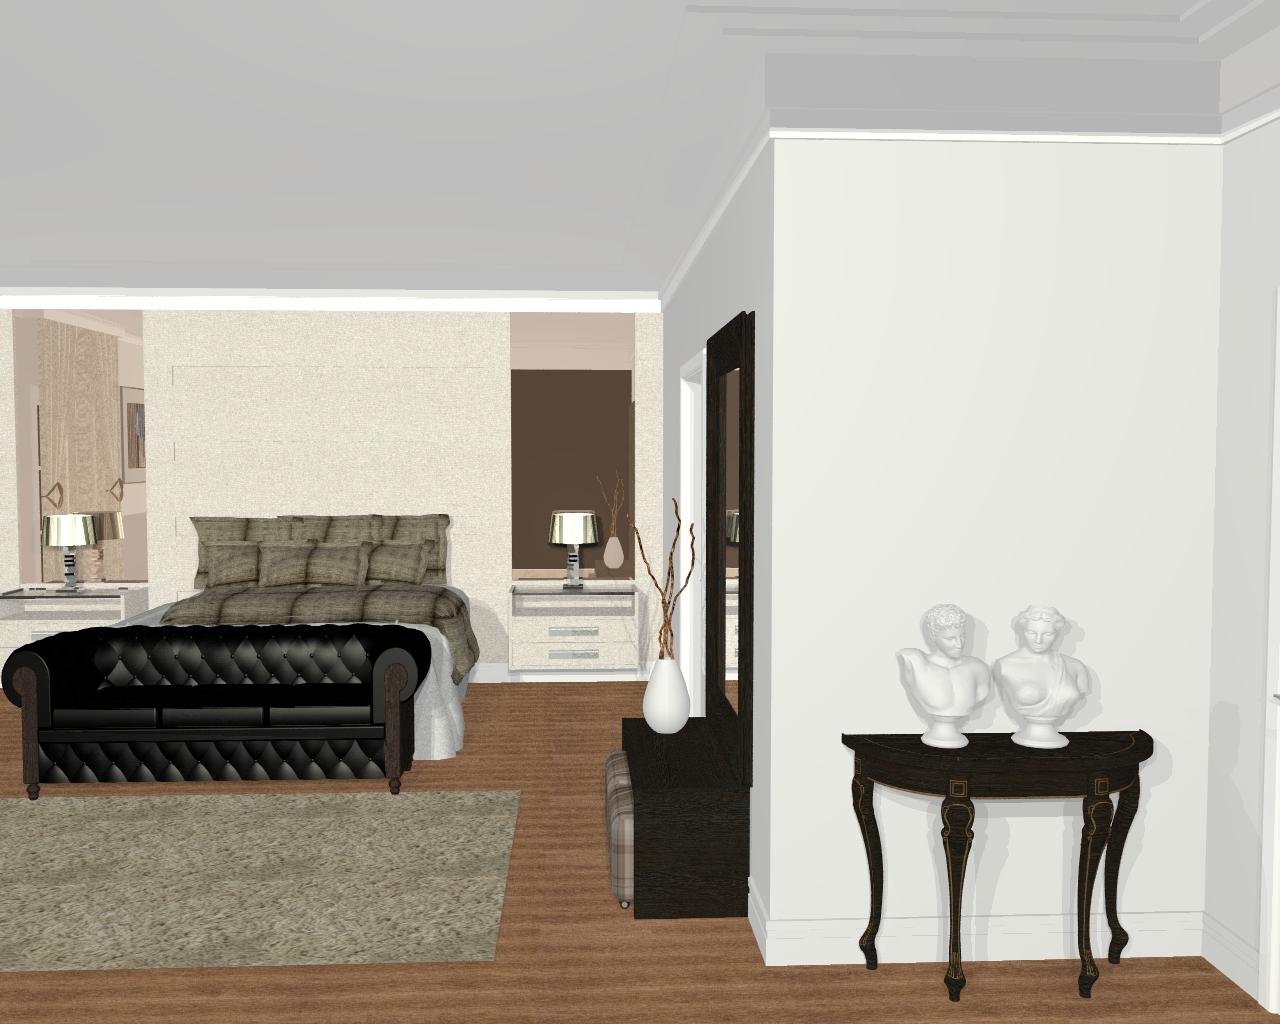 Imagens de Projetos de Design de Interiores de Quarto e Suite do